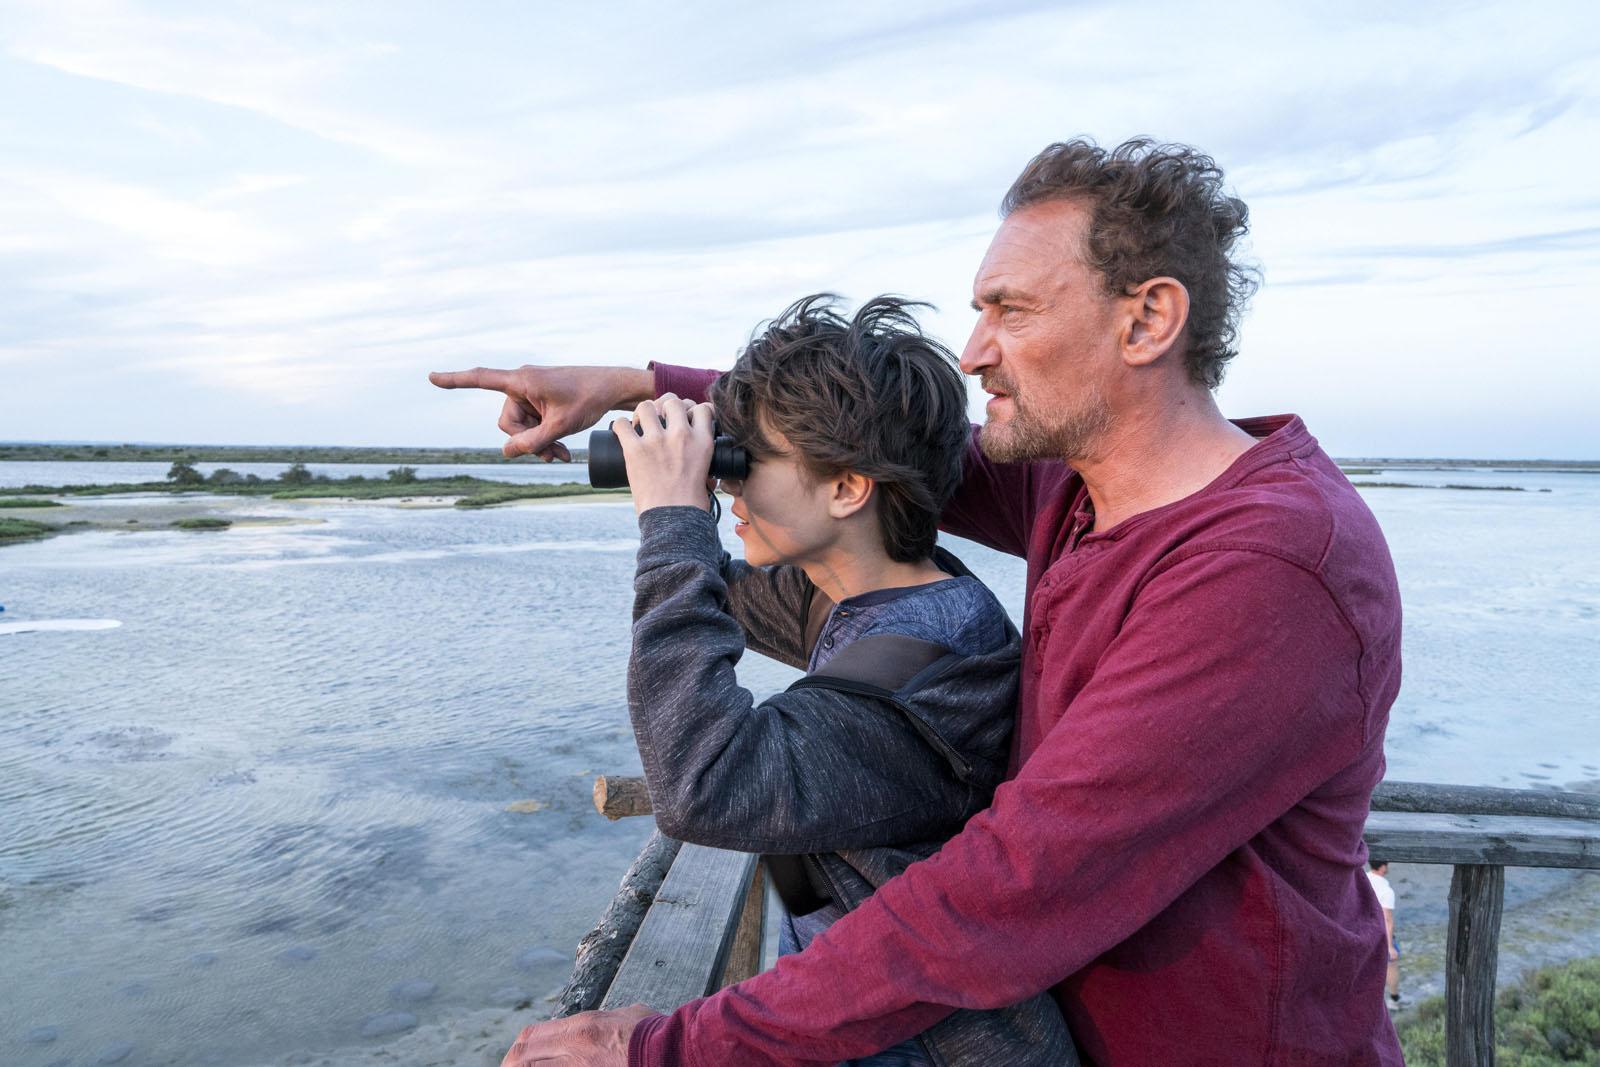 Donne-moi des ailes - Photo Jean-Paul Rouve, Louis Vazquez critique film